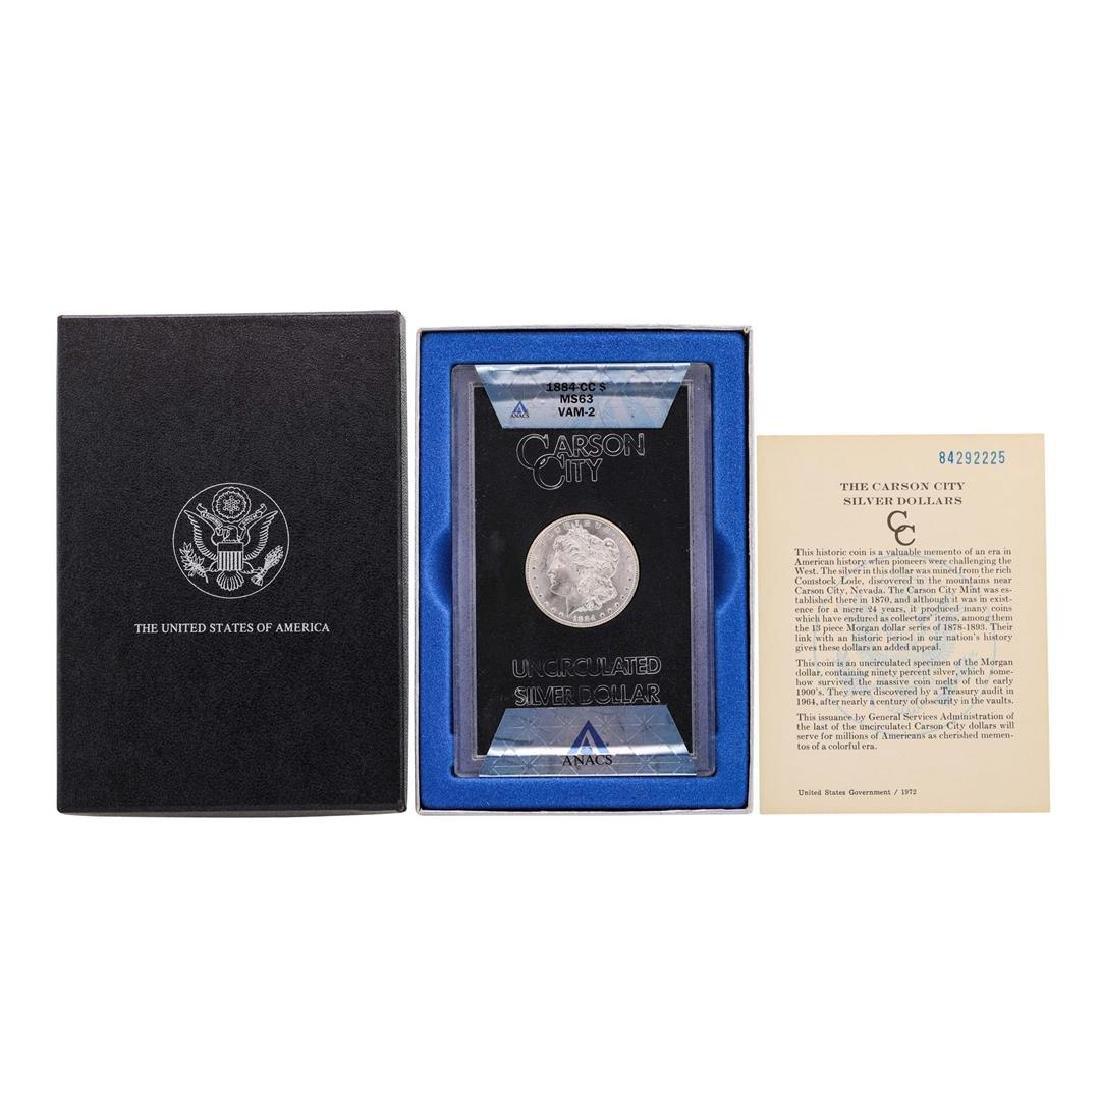 1884-CC $1 Morgan Silver Dollar Coin w/ Box GSA & COA